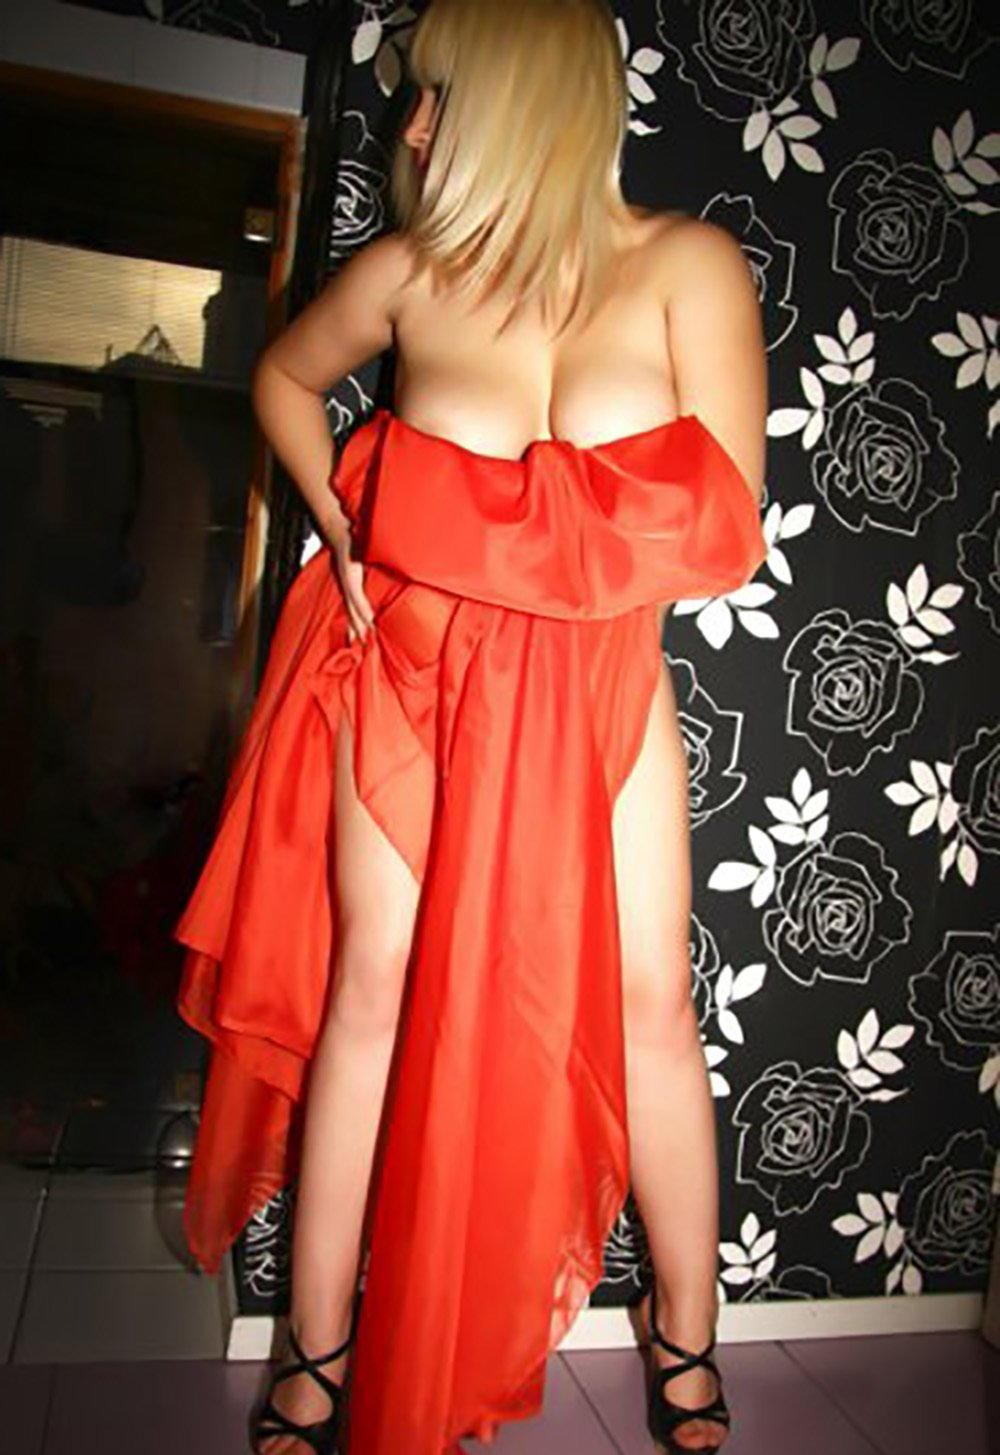 массаж проститутки в алтуфьево можете посмотреть